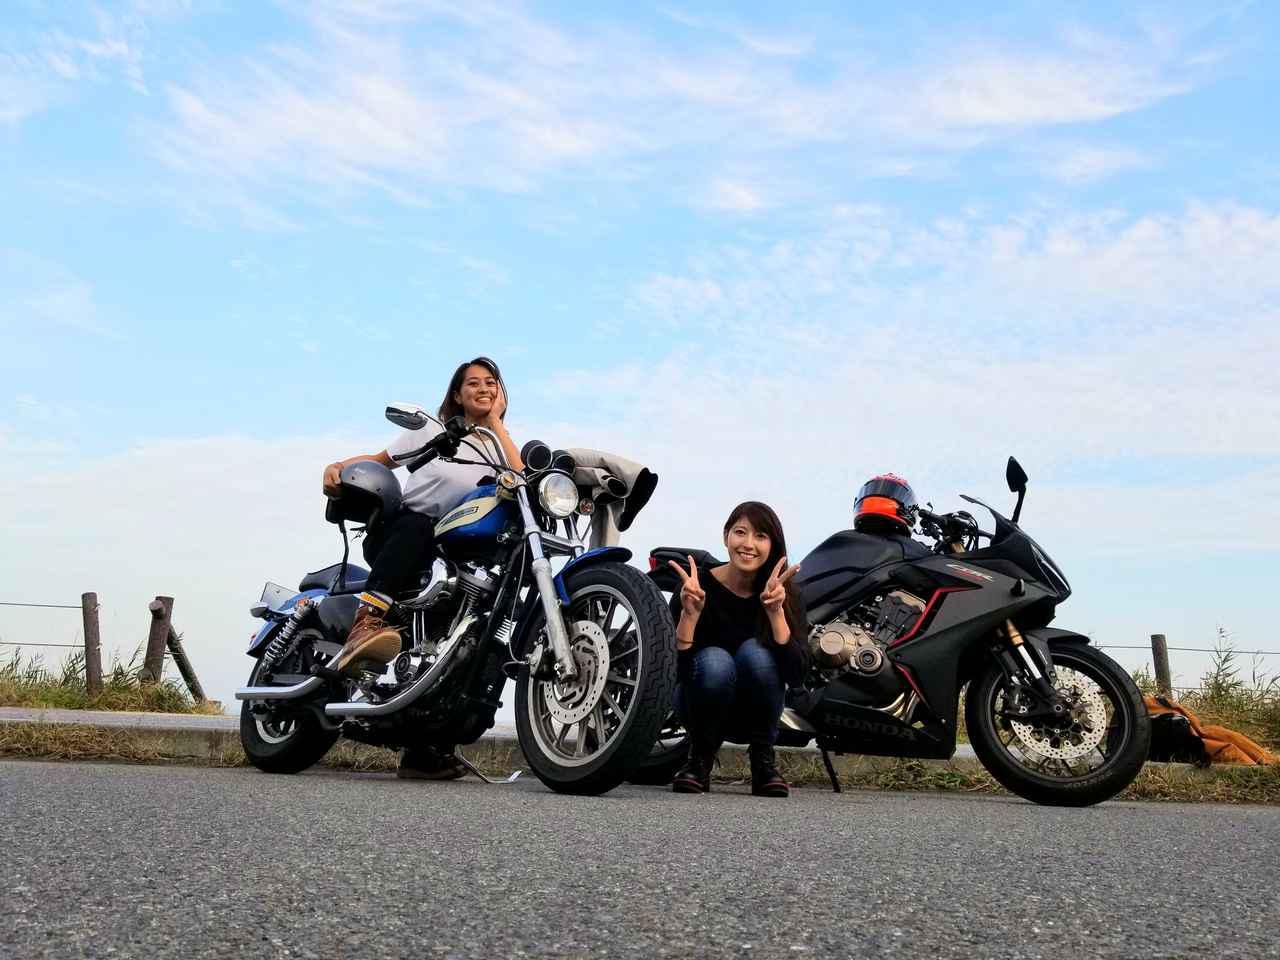 画像: [女子部のふたツー]体育会系ペアの筋肉ツーリング!(大関さおり 編)with まちょ子 - webオートバイ